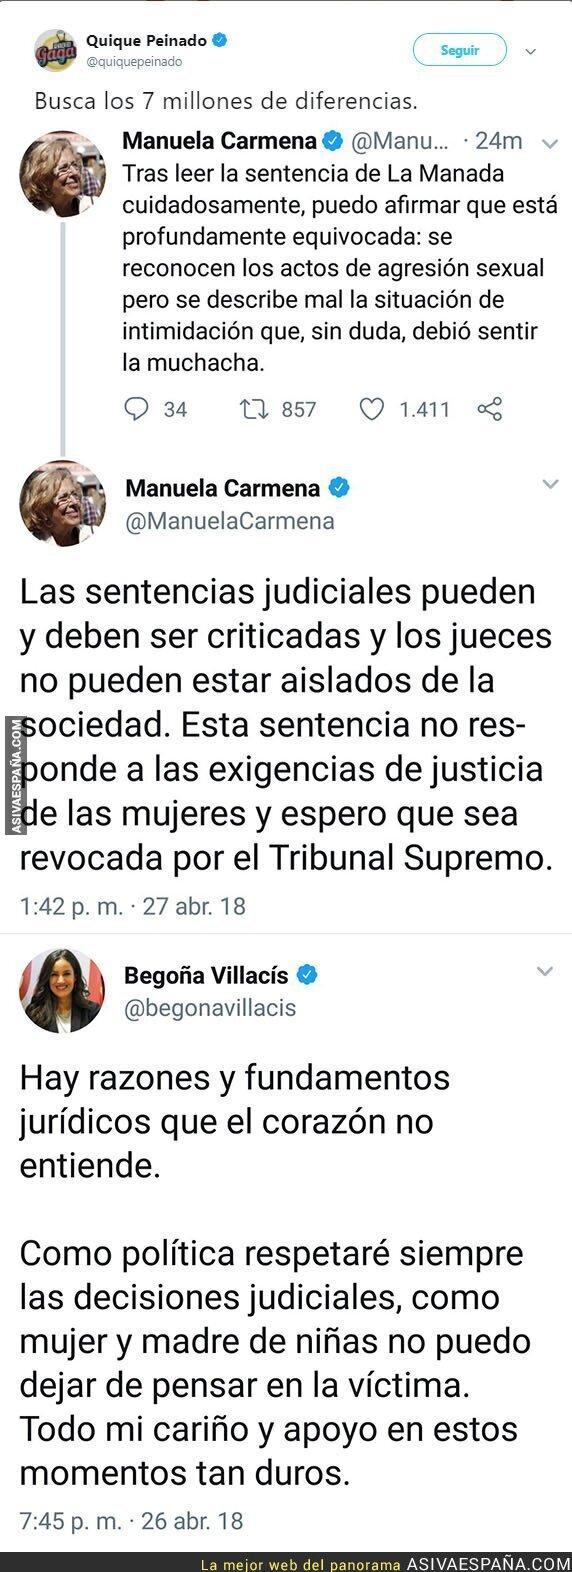 86084 - La gran diferencia de mensaje entre Manuela Carmena y Begoña Villacís tras salir la sentencia de La Manada